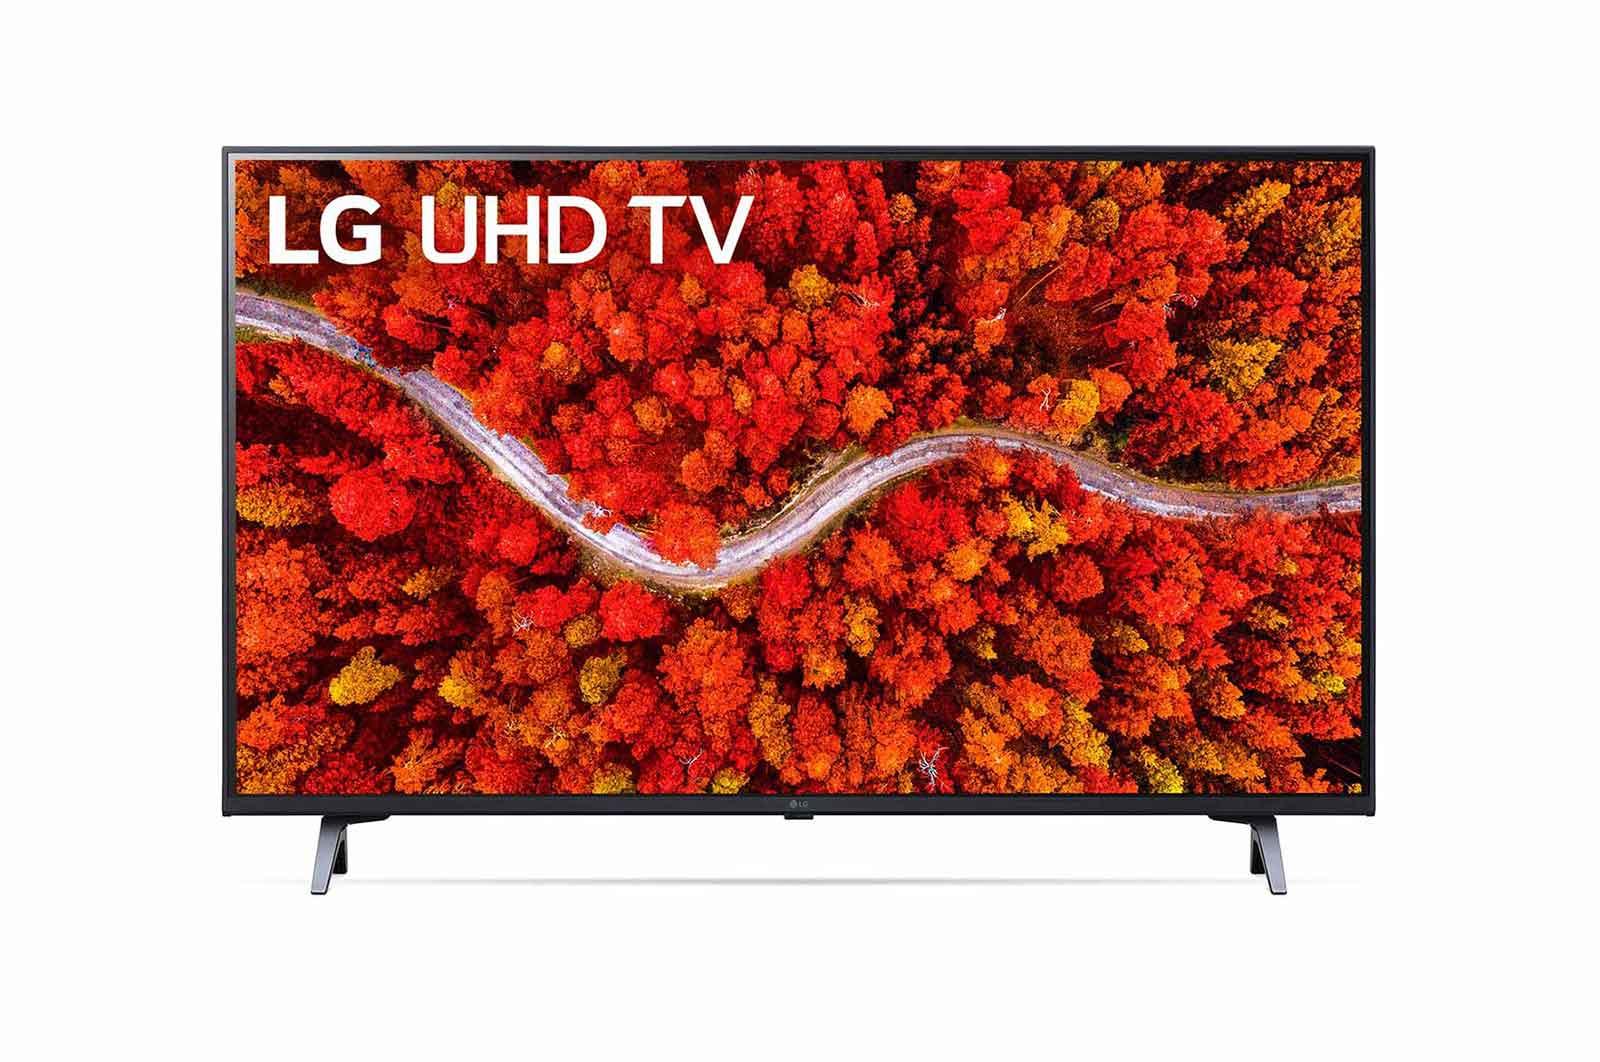 LG - LED TV 65UP8000PTB